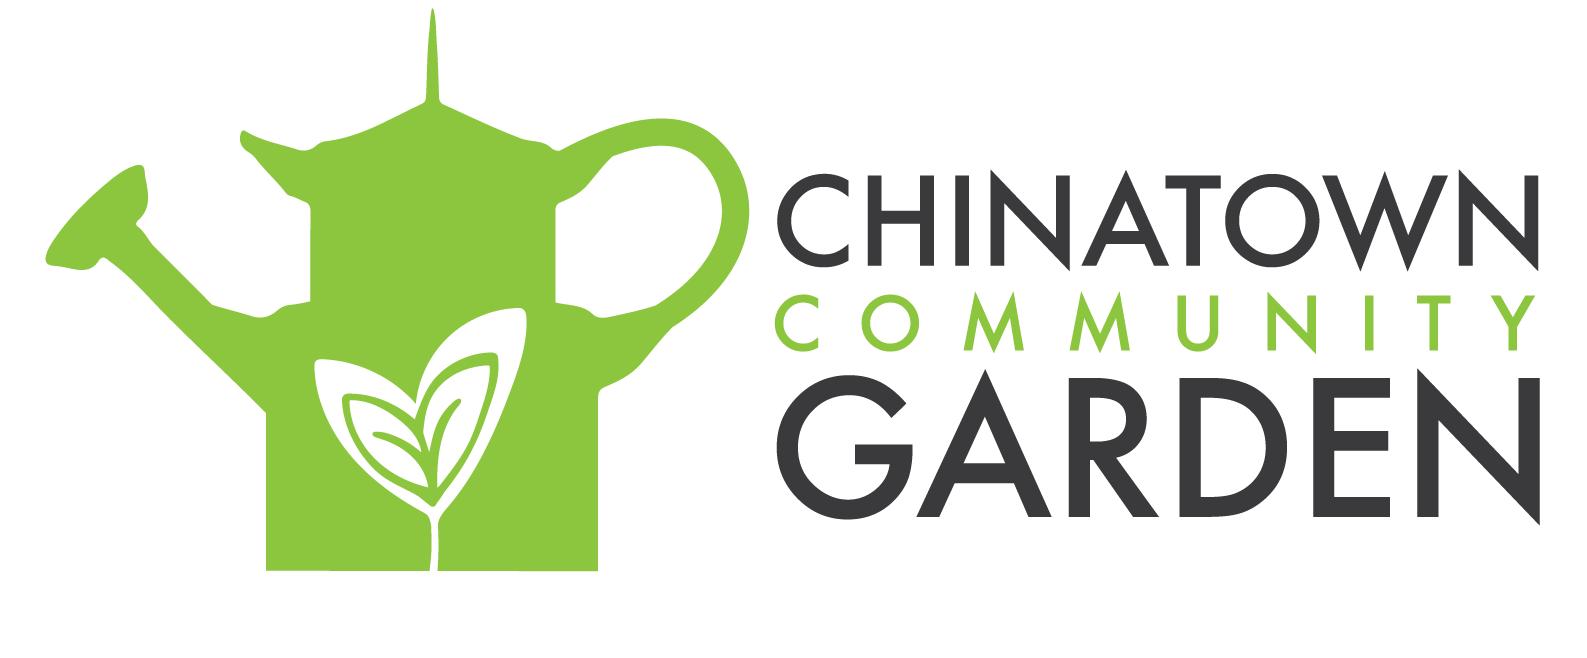 Chinatown Community Garden